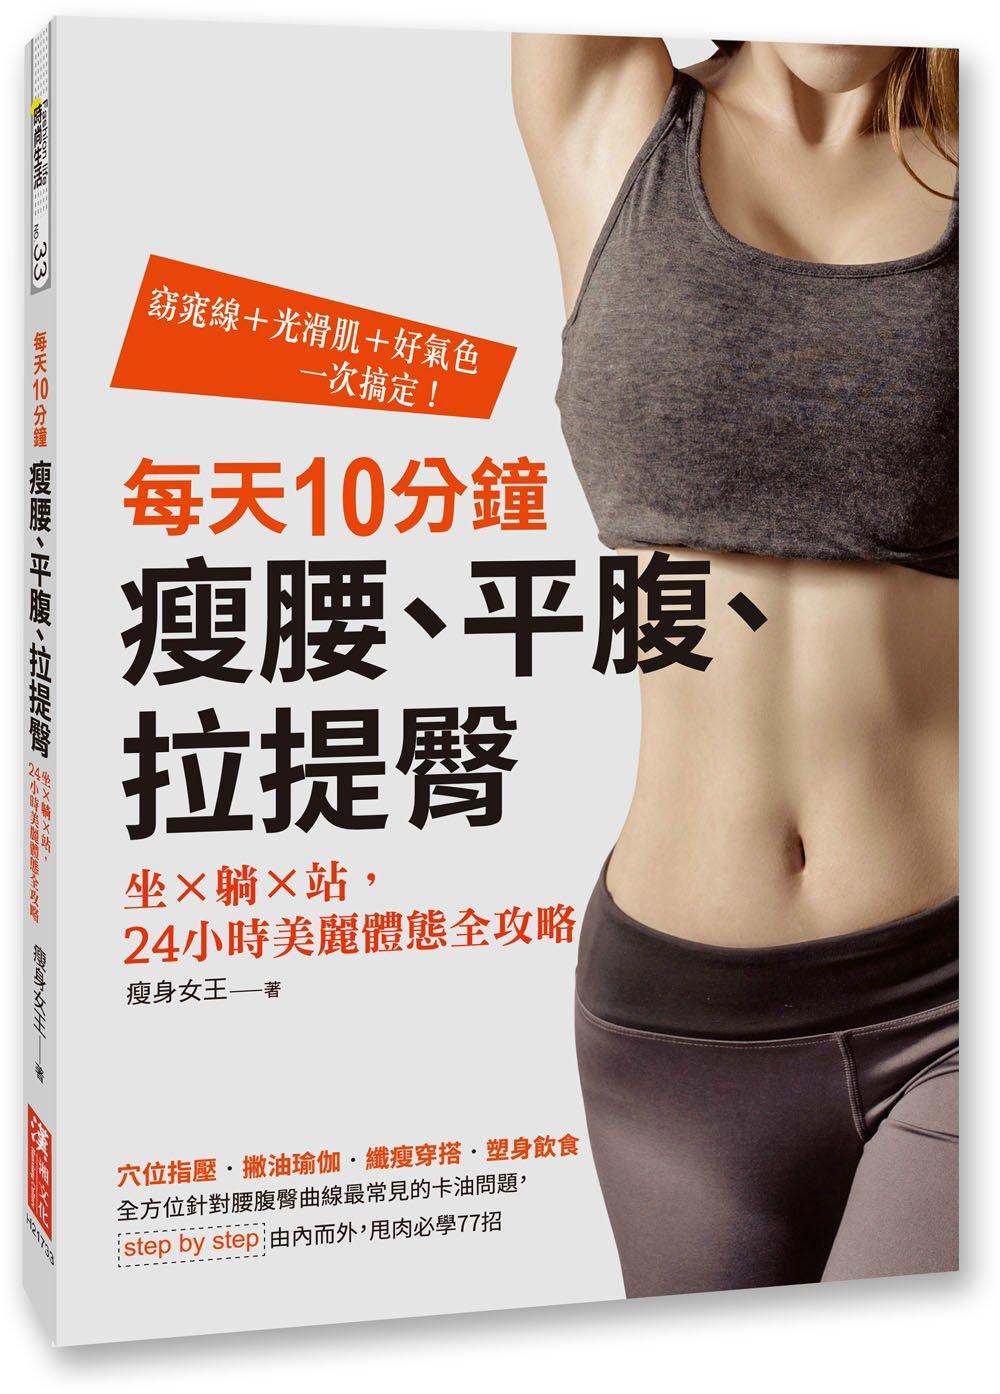 每天10分鐘,瘦腰、平腹、拉提臀:坐×躺×站,24小時美麗體態全攻略